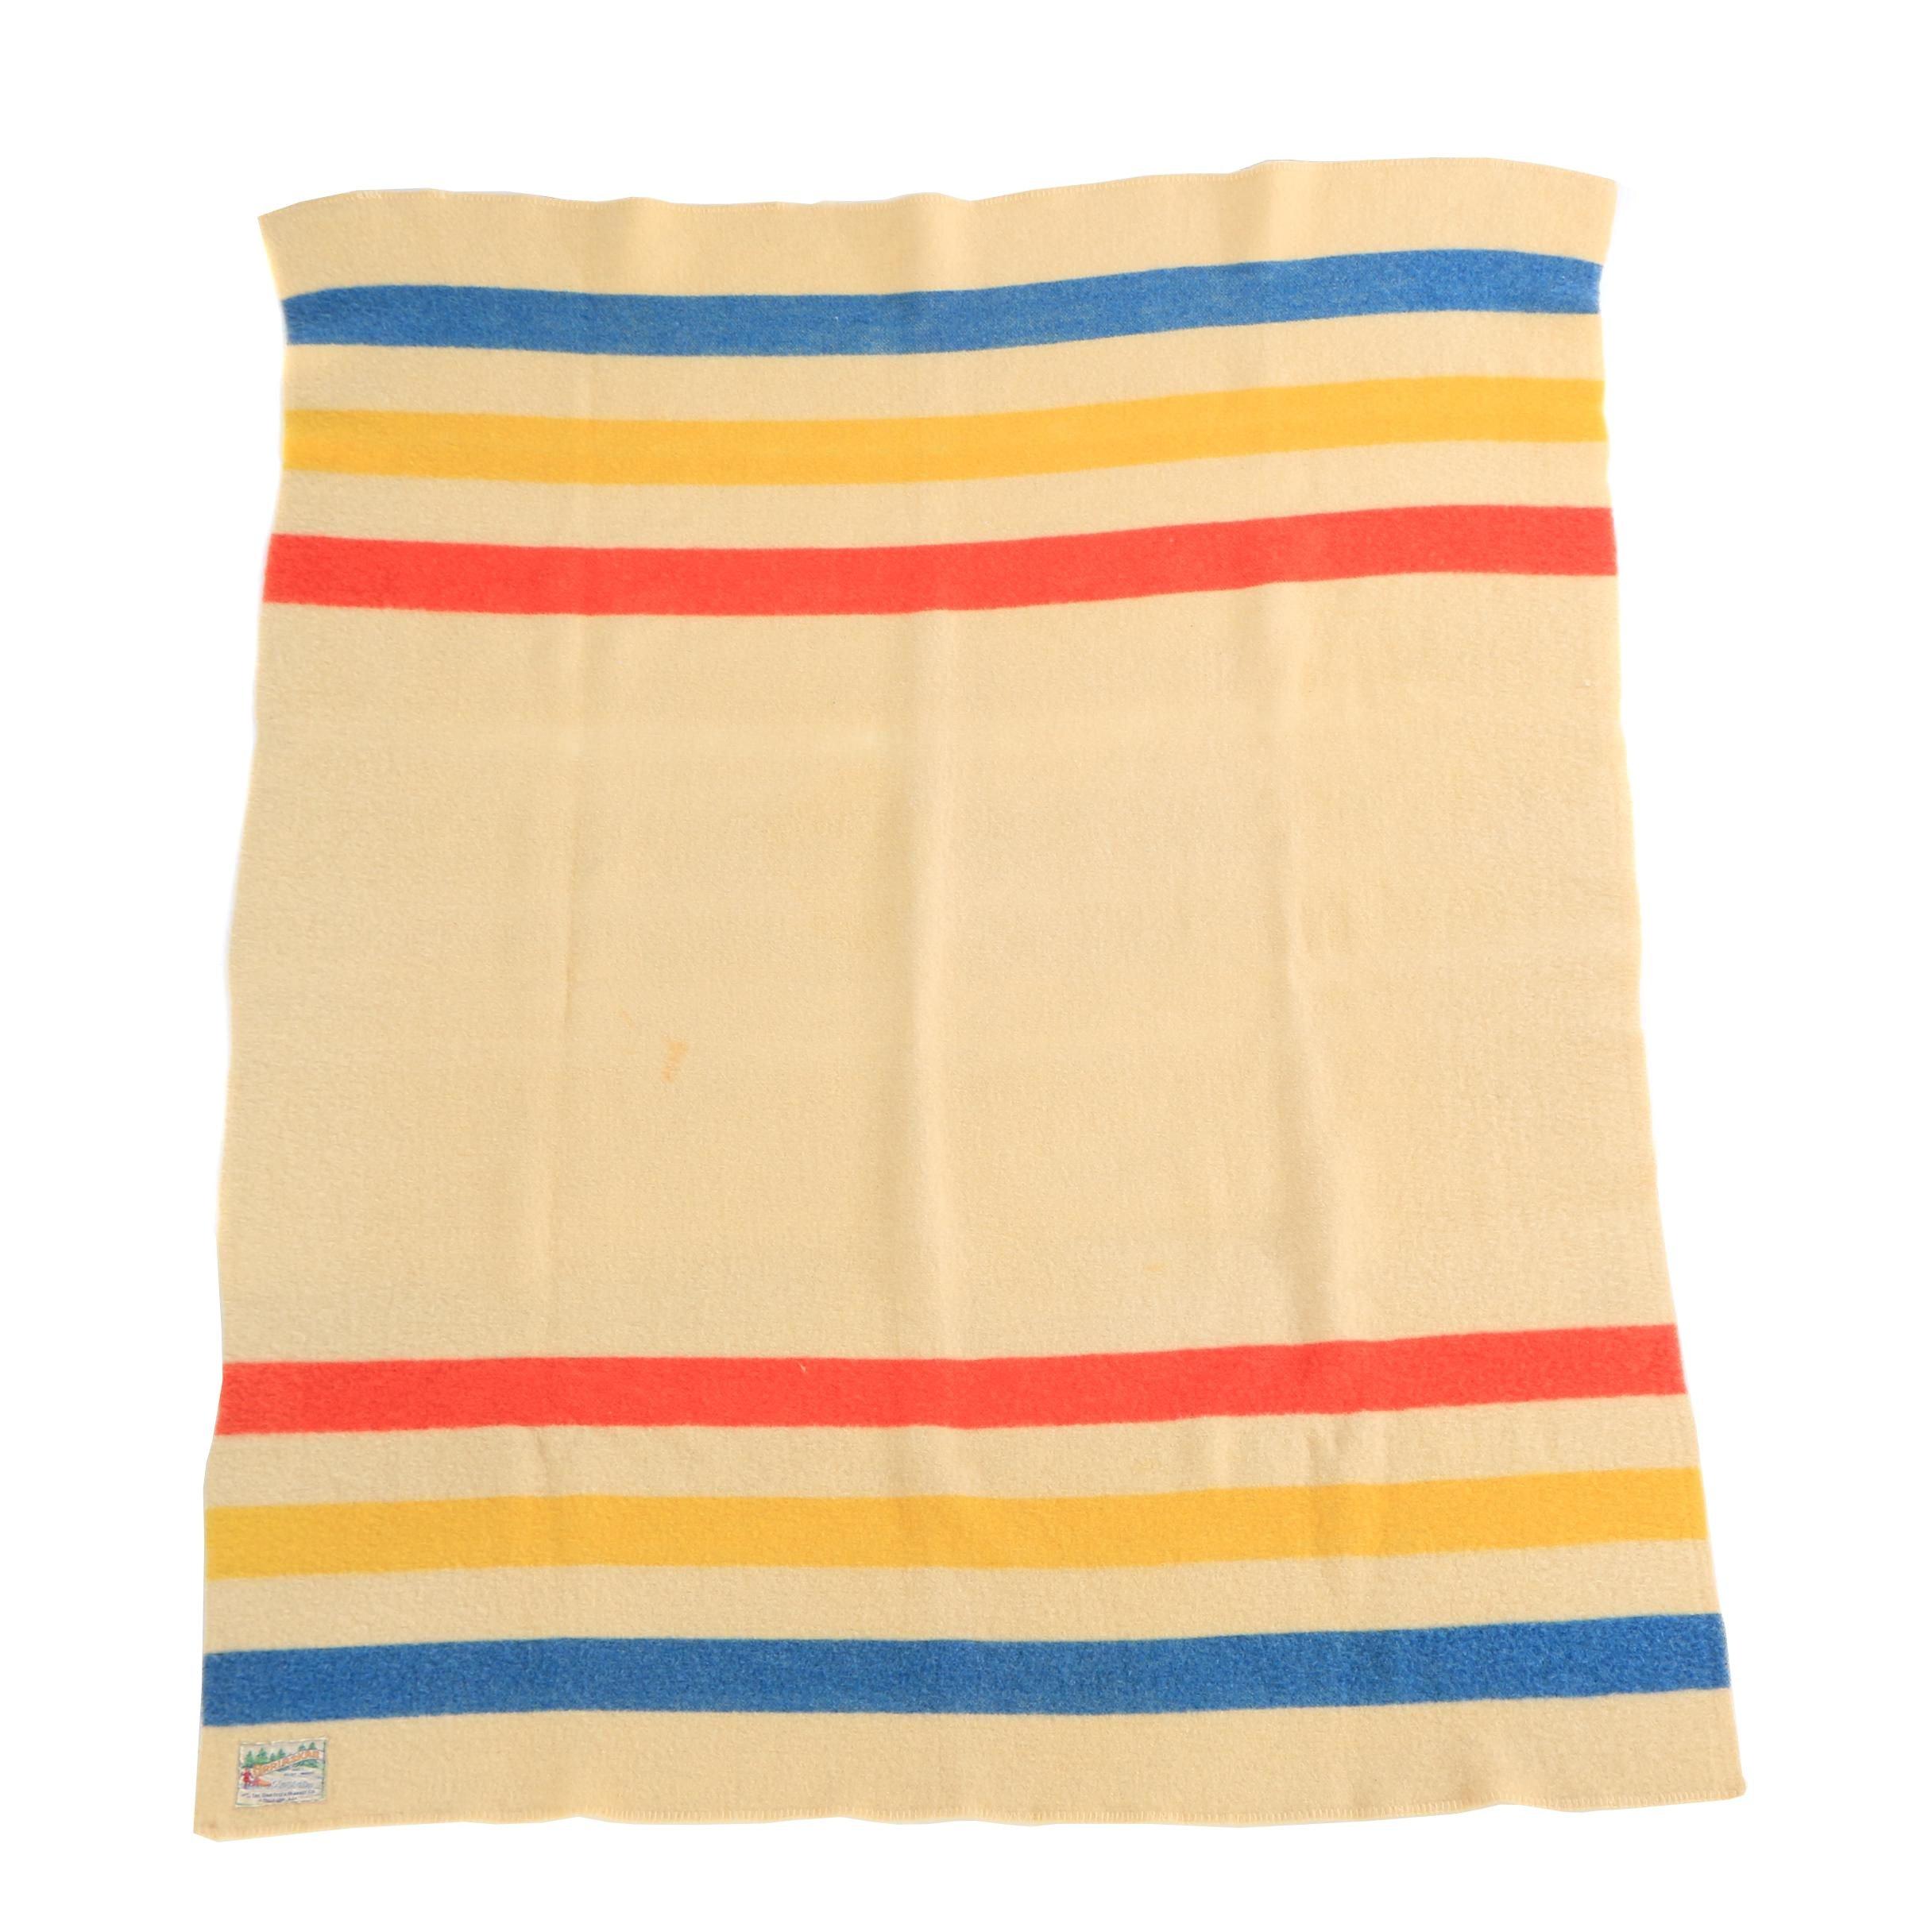 Orrlaskan Striped Wool Blanket by The Orr Felt & Blanket Co.